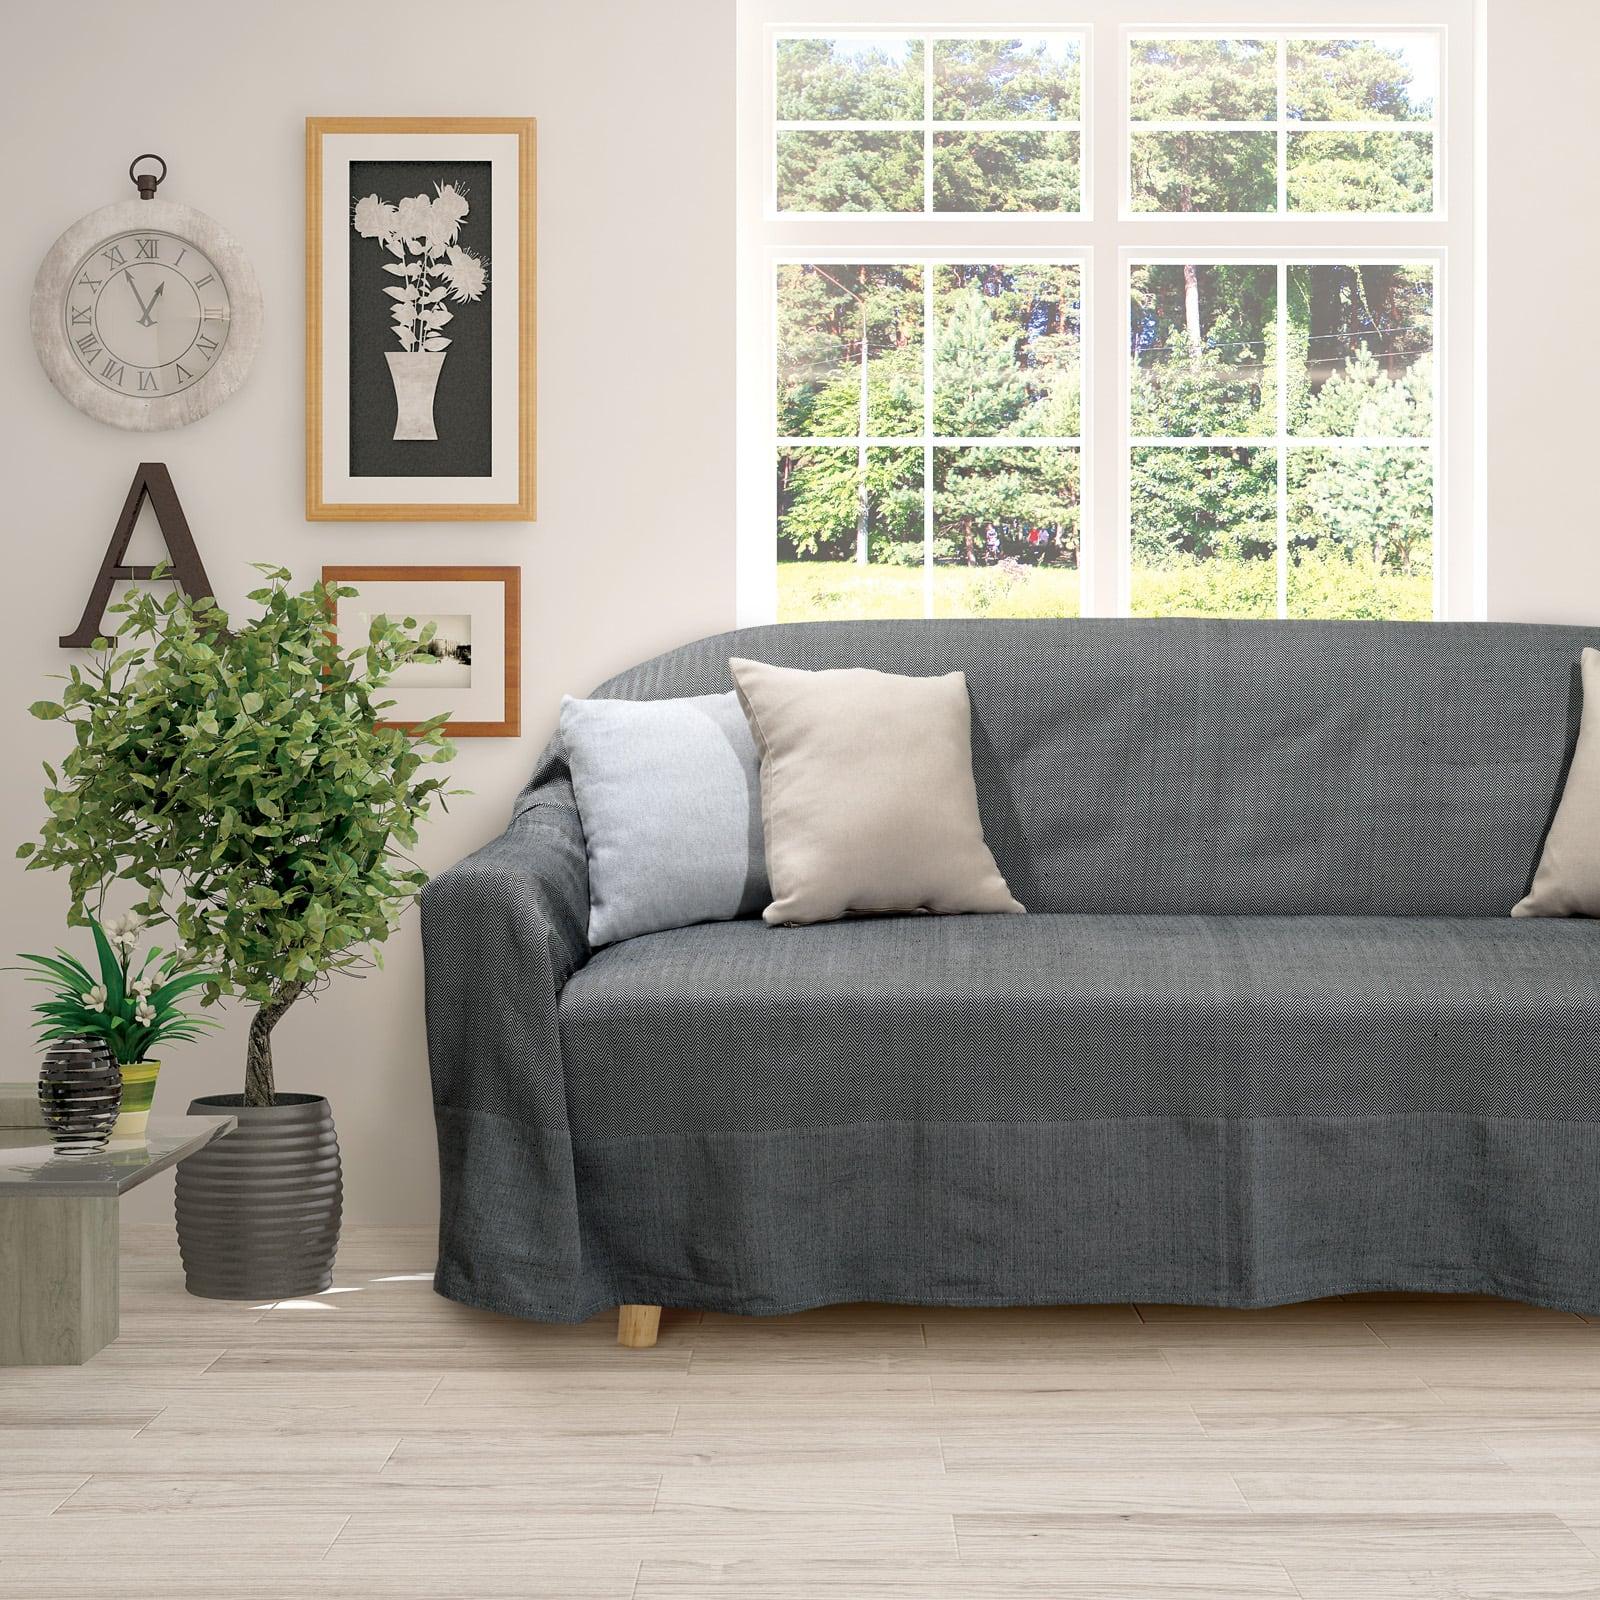 Ριχτάρι 0186 Black Das Home Διθέσιο 180x250cm